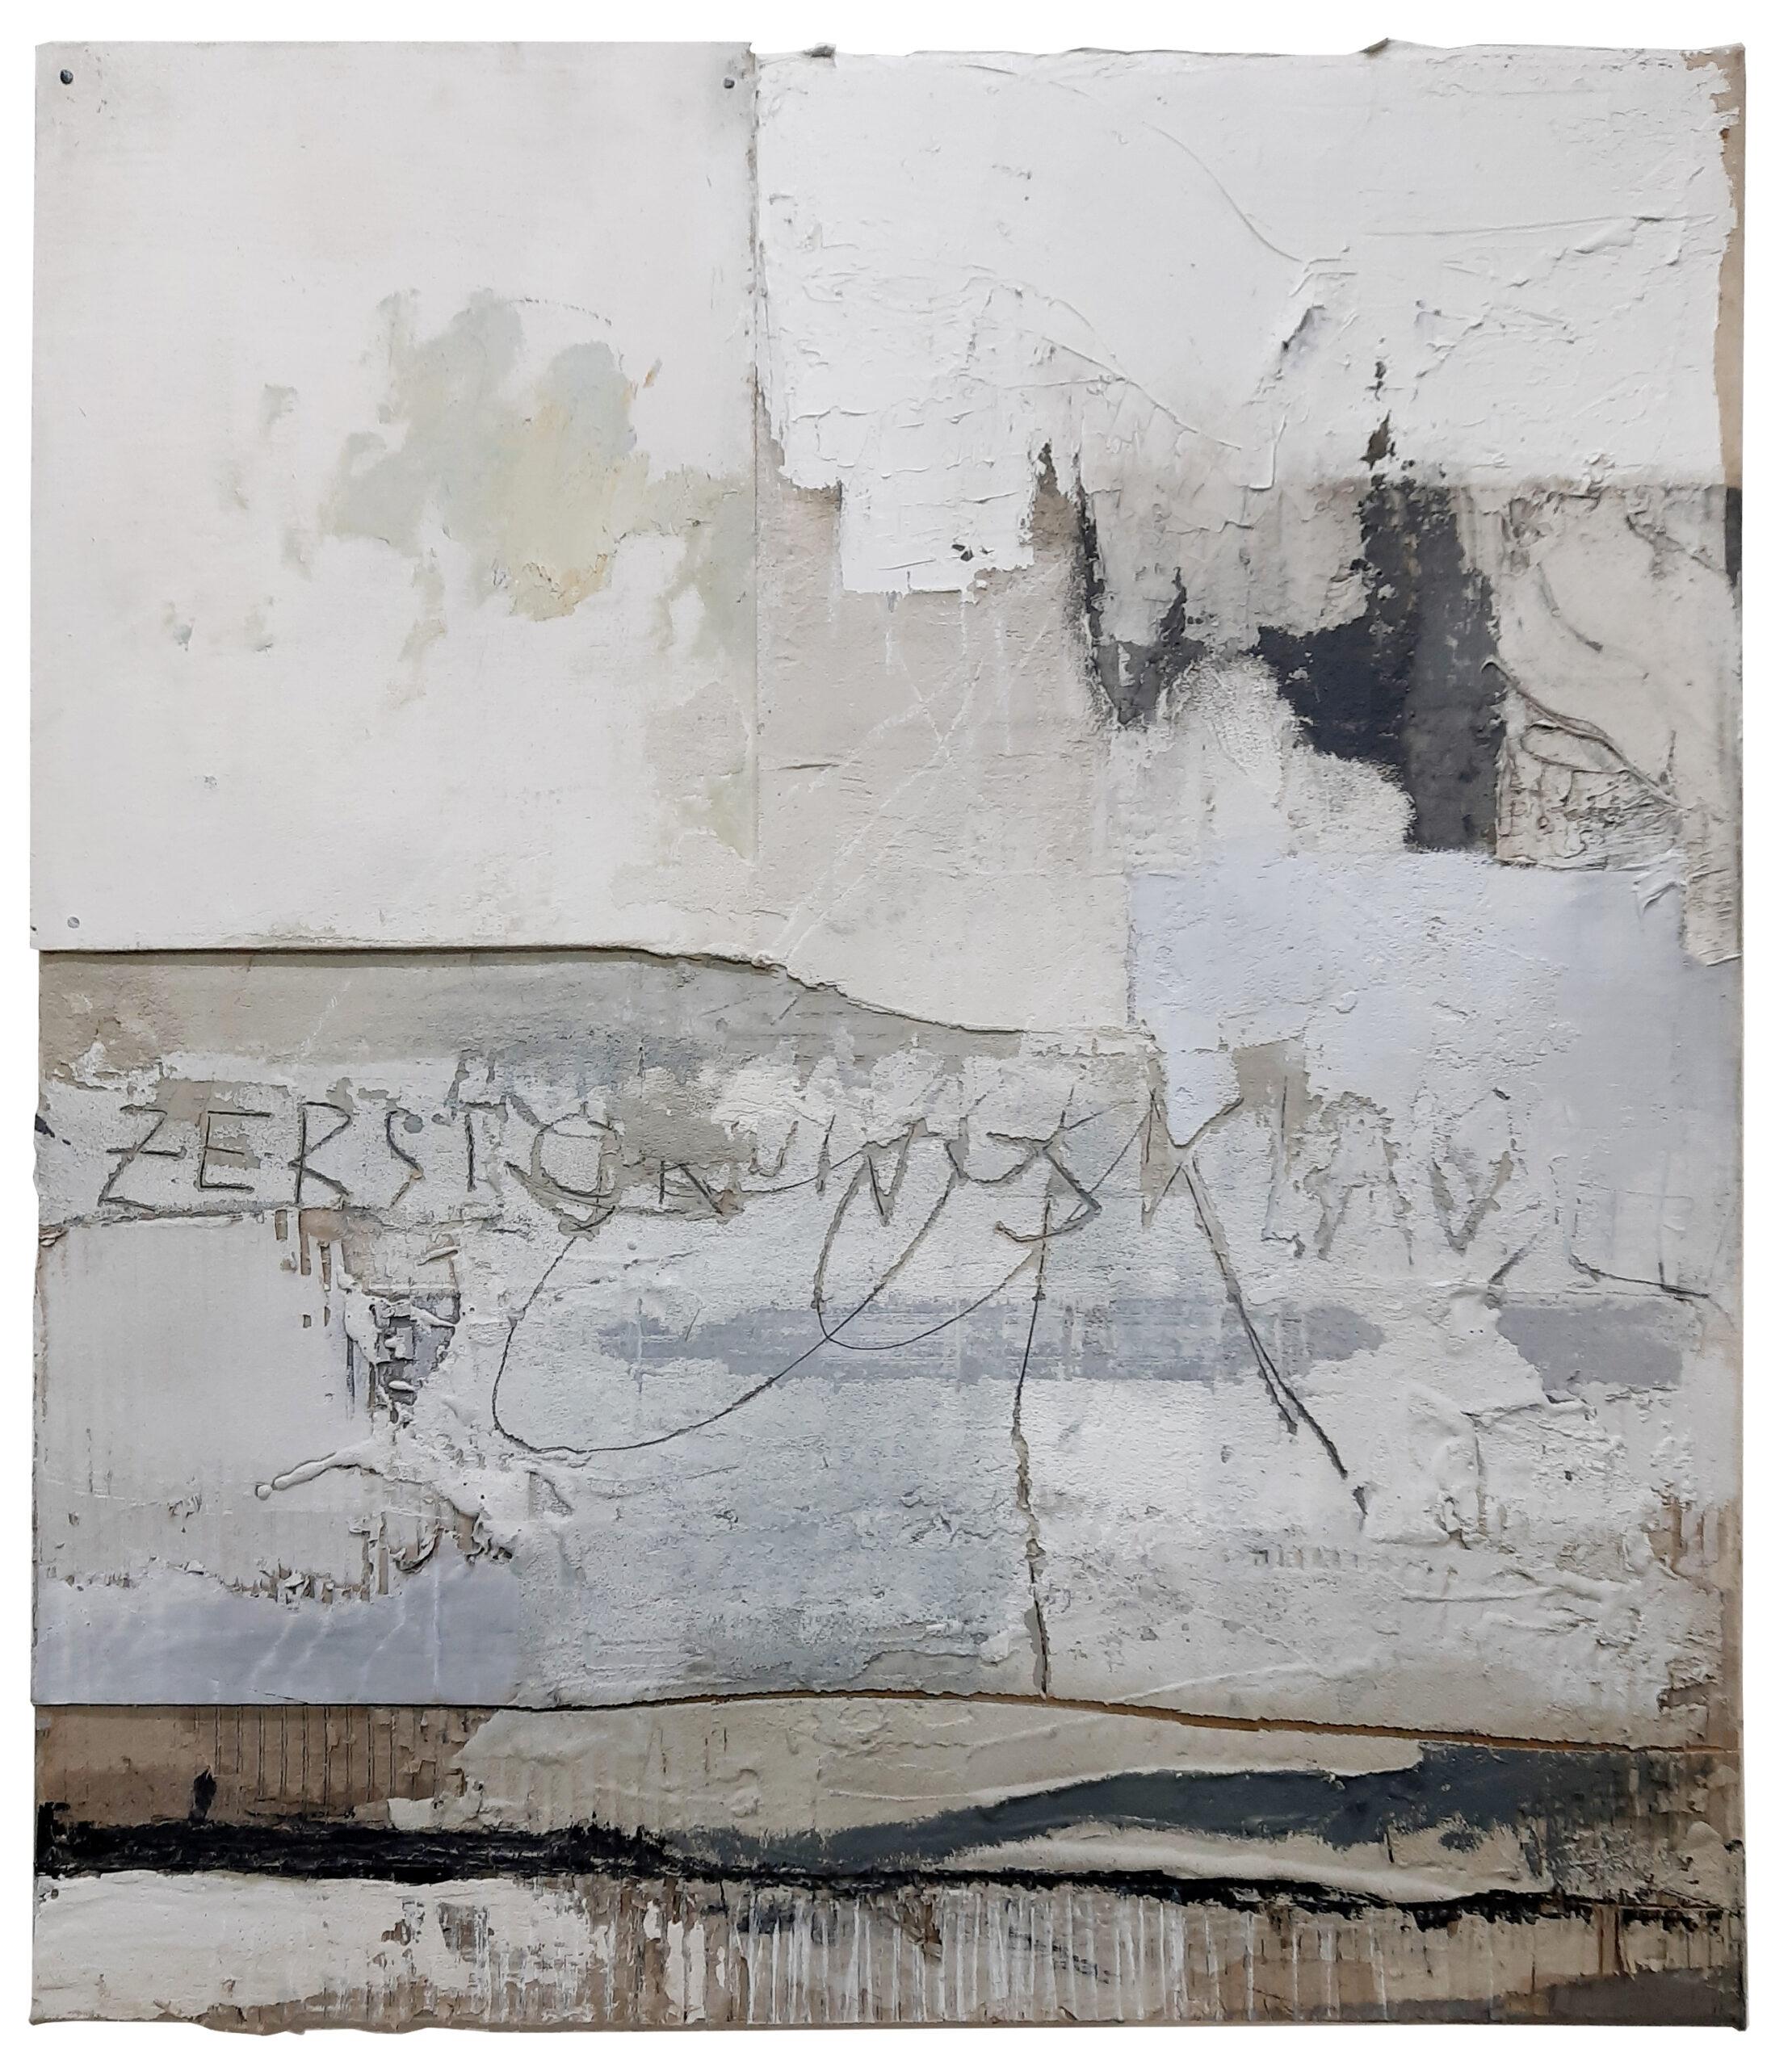 Fabian Hub, Hub, Berlin, Malerei, painting